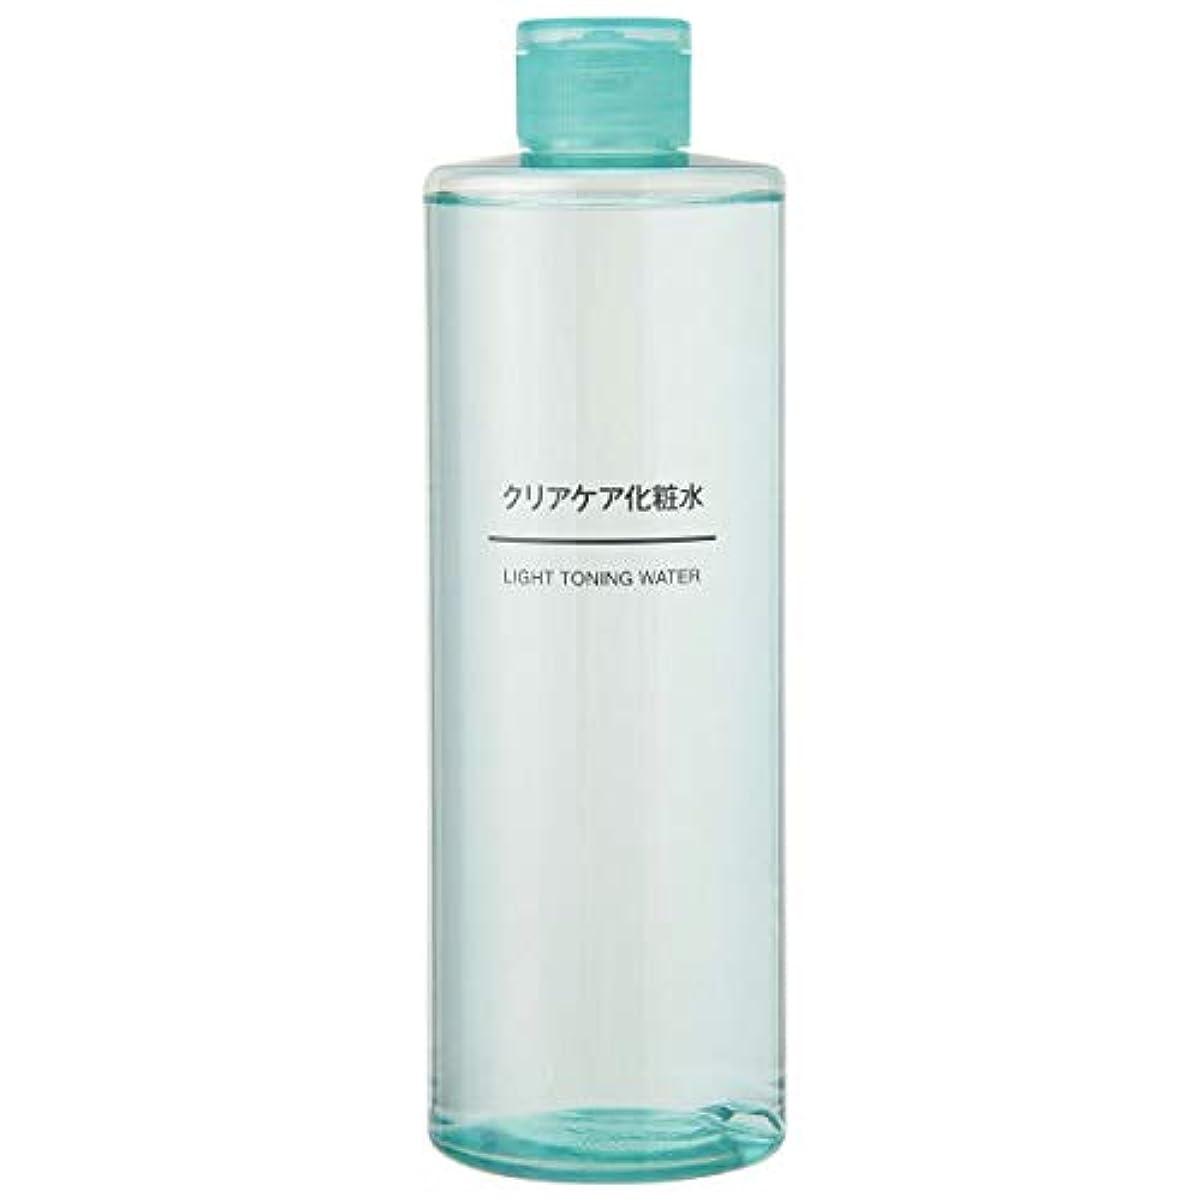 ペチコートむしろバンジージャンプ無印良品 クリアケア化粧水(大容量) 400ml